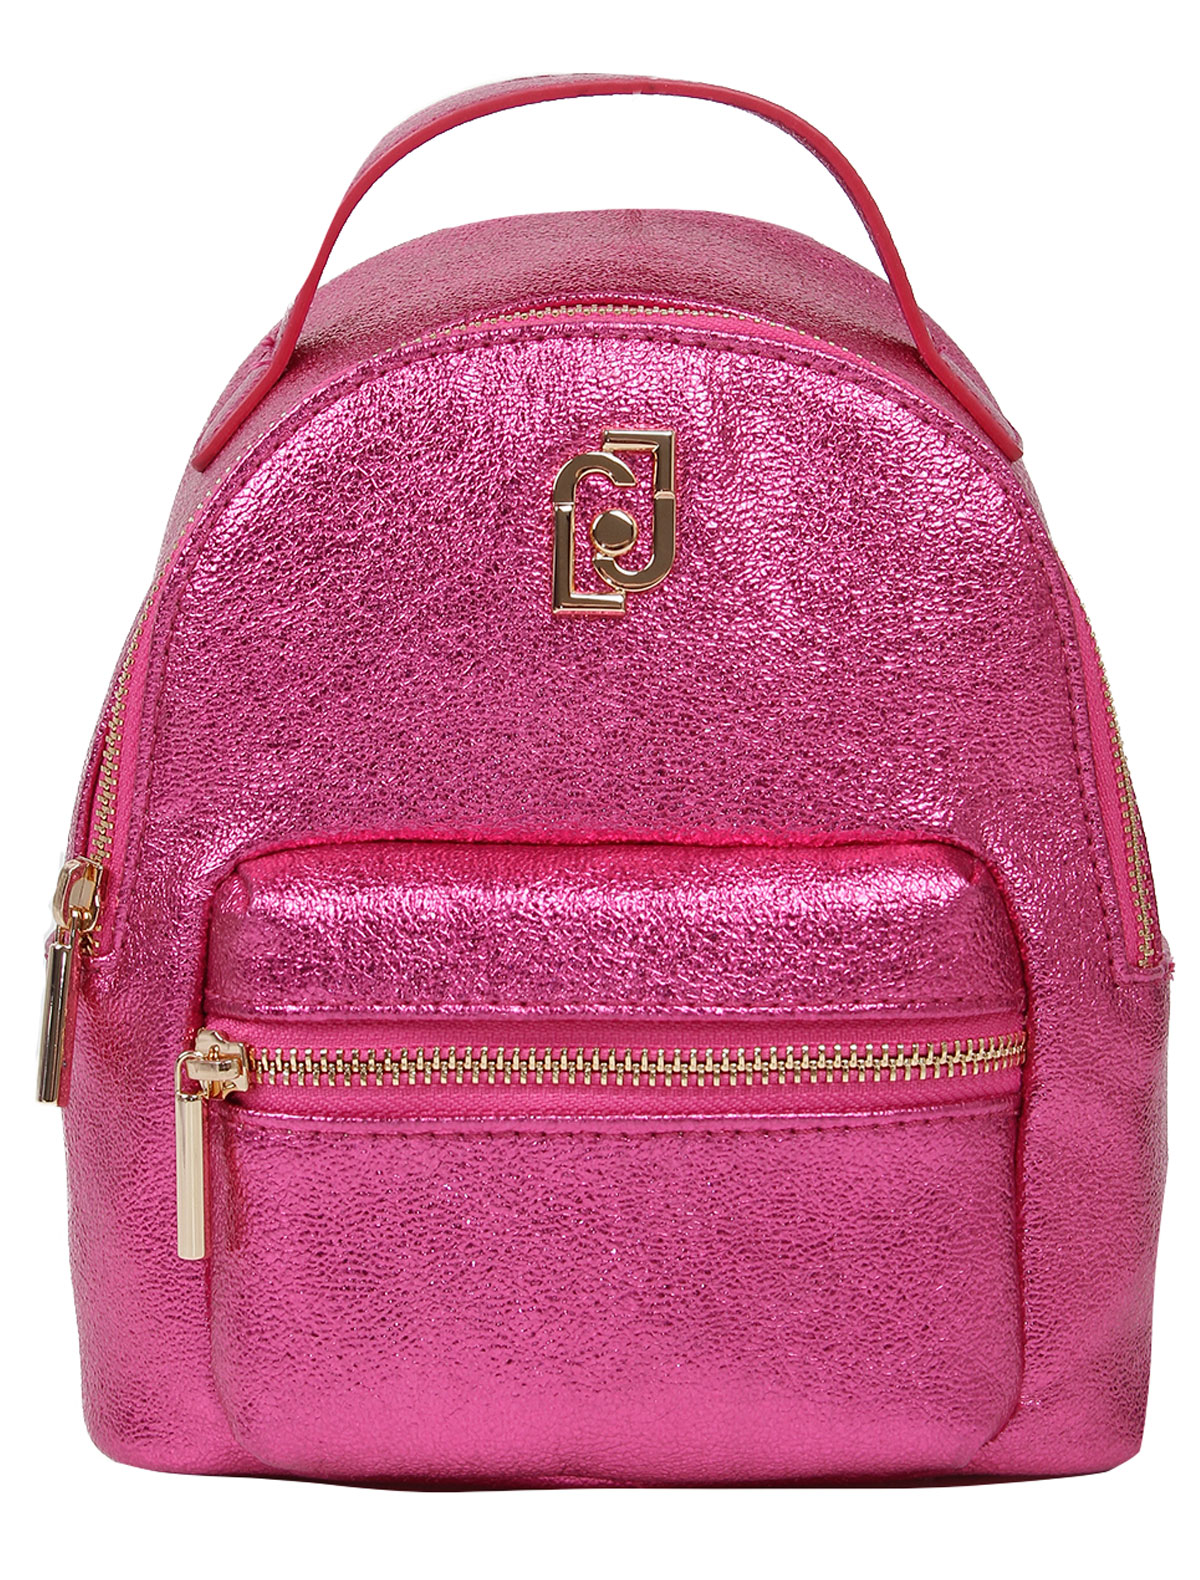 Купить 2297038, Рюкзак Liu Jo Junior, розовый, Женский, 1504508170146